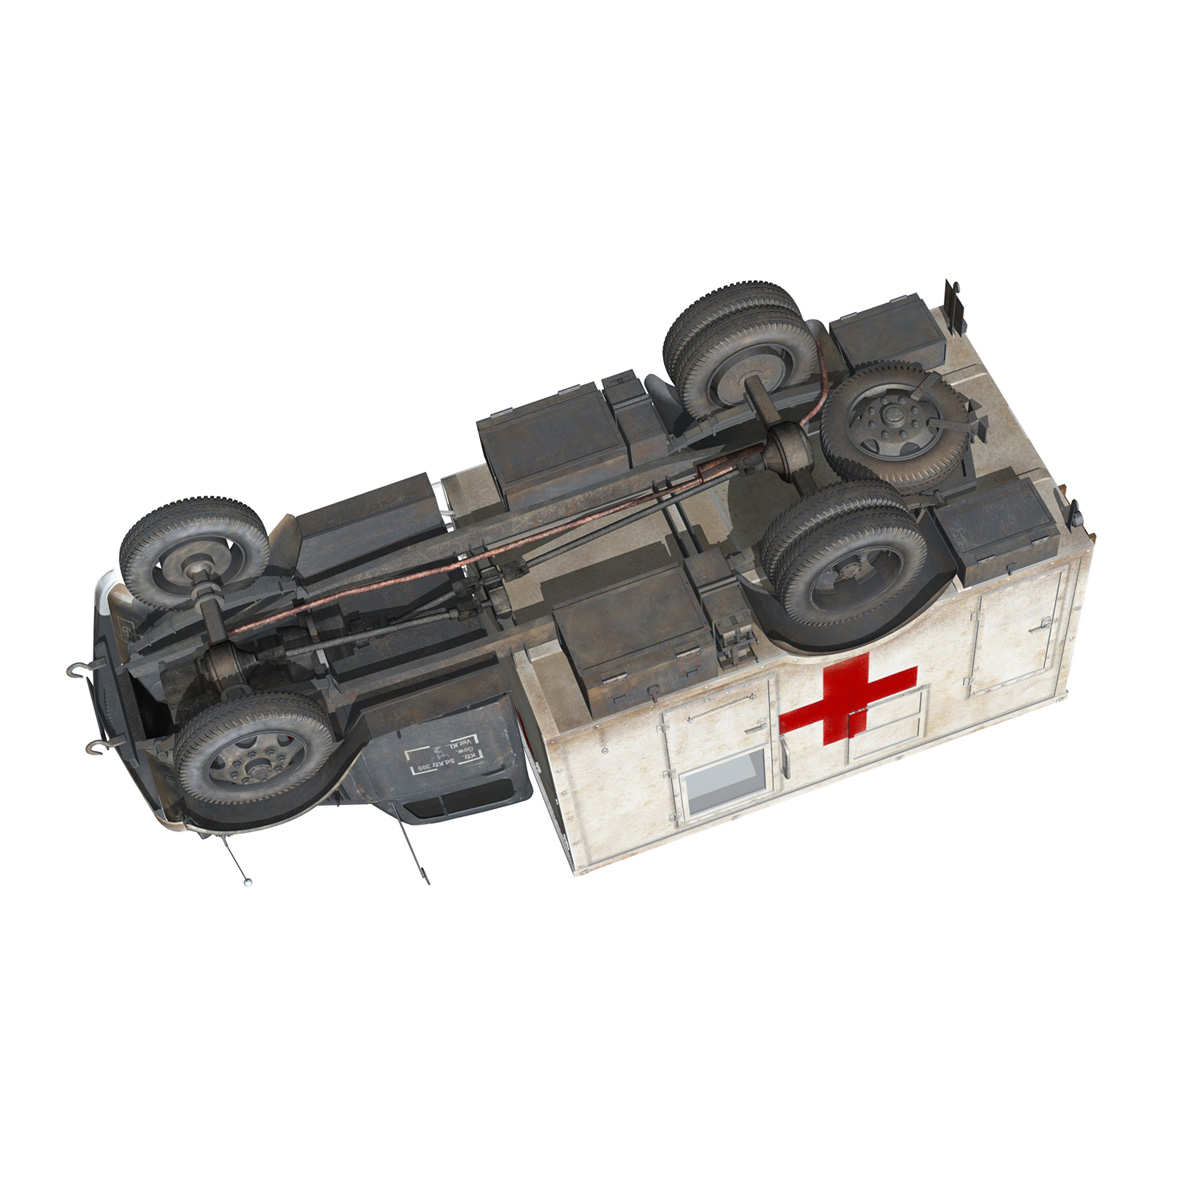 opel blitz - 3t ātrās palīdzības automašīna - 11 pzdiv 3d modelis 3ds fwx lws lws obj c4d 266708